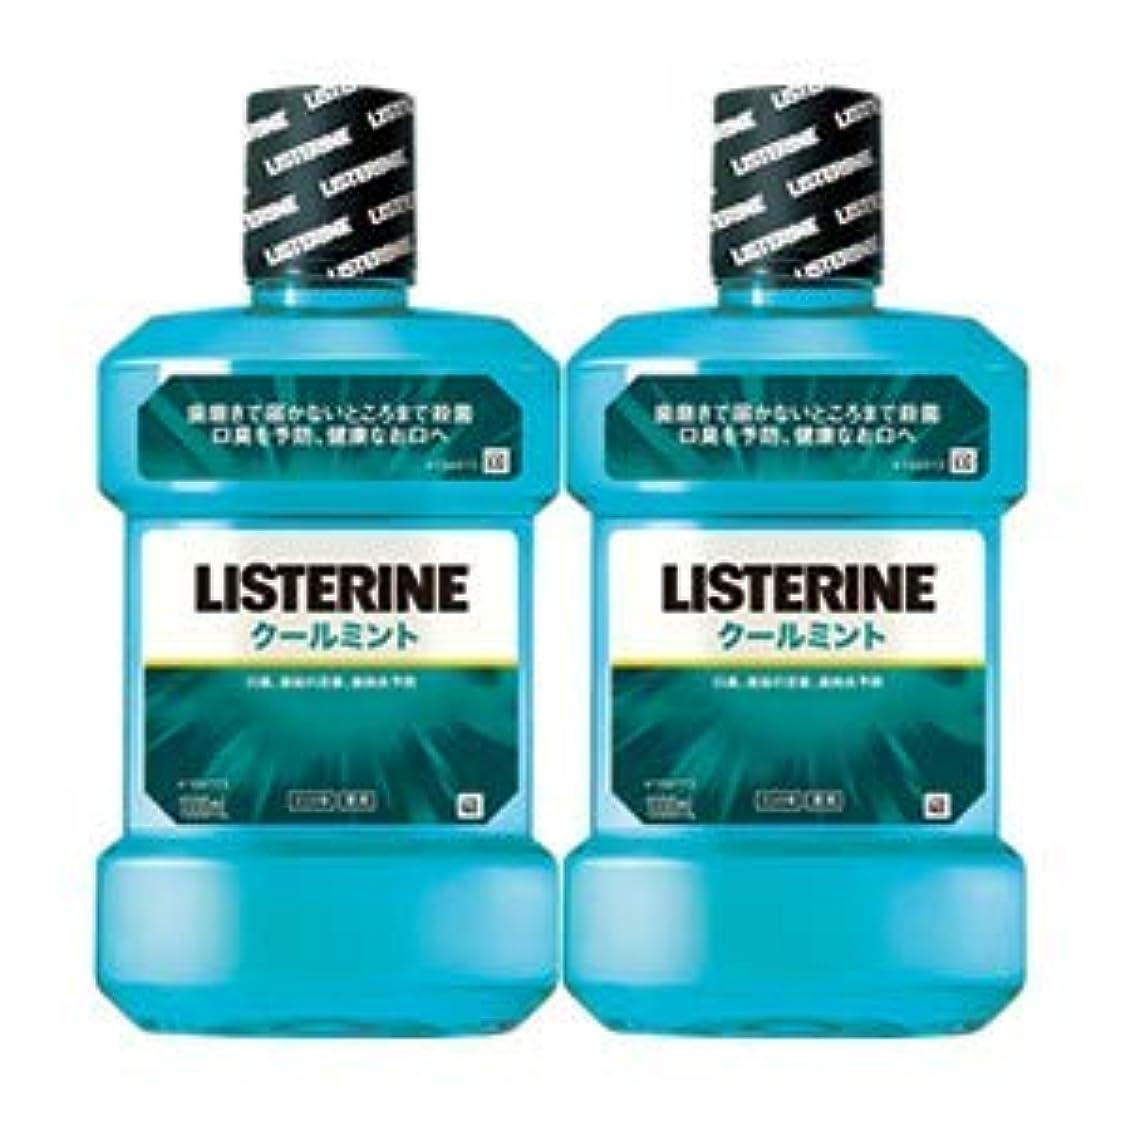 生理タックジャンクション薬用リステリン クールミント (マウスウォッシュ/洗口液) 1000mL×2本セット